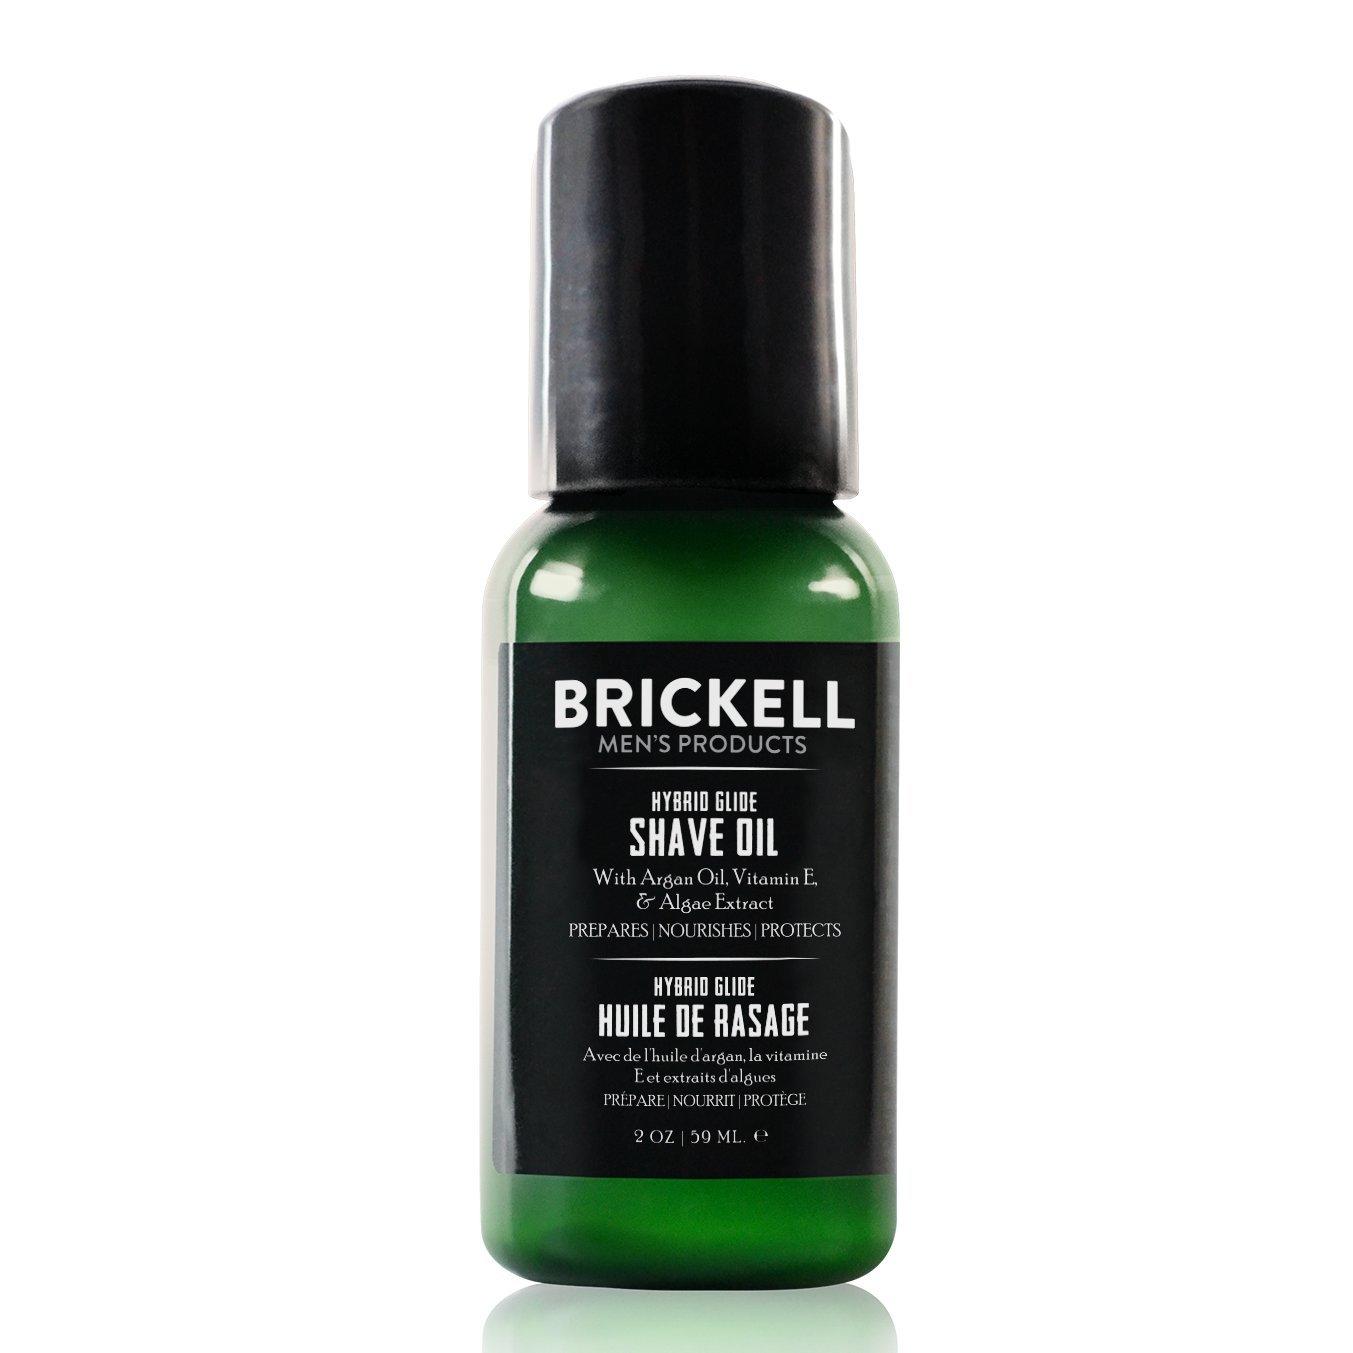 Brickell Men's Hybrid Glide Pre Shave Oil - Natural & Organic Pre-Shave Oil for Men - 2oz